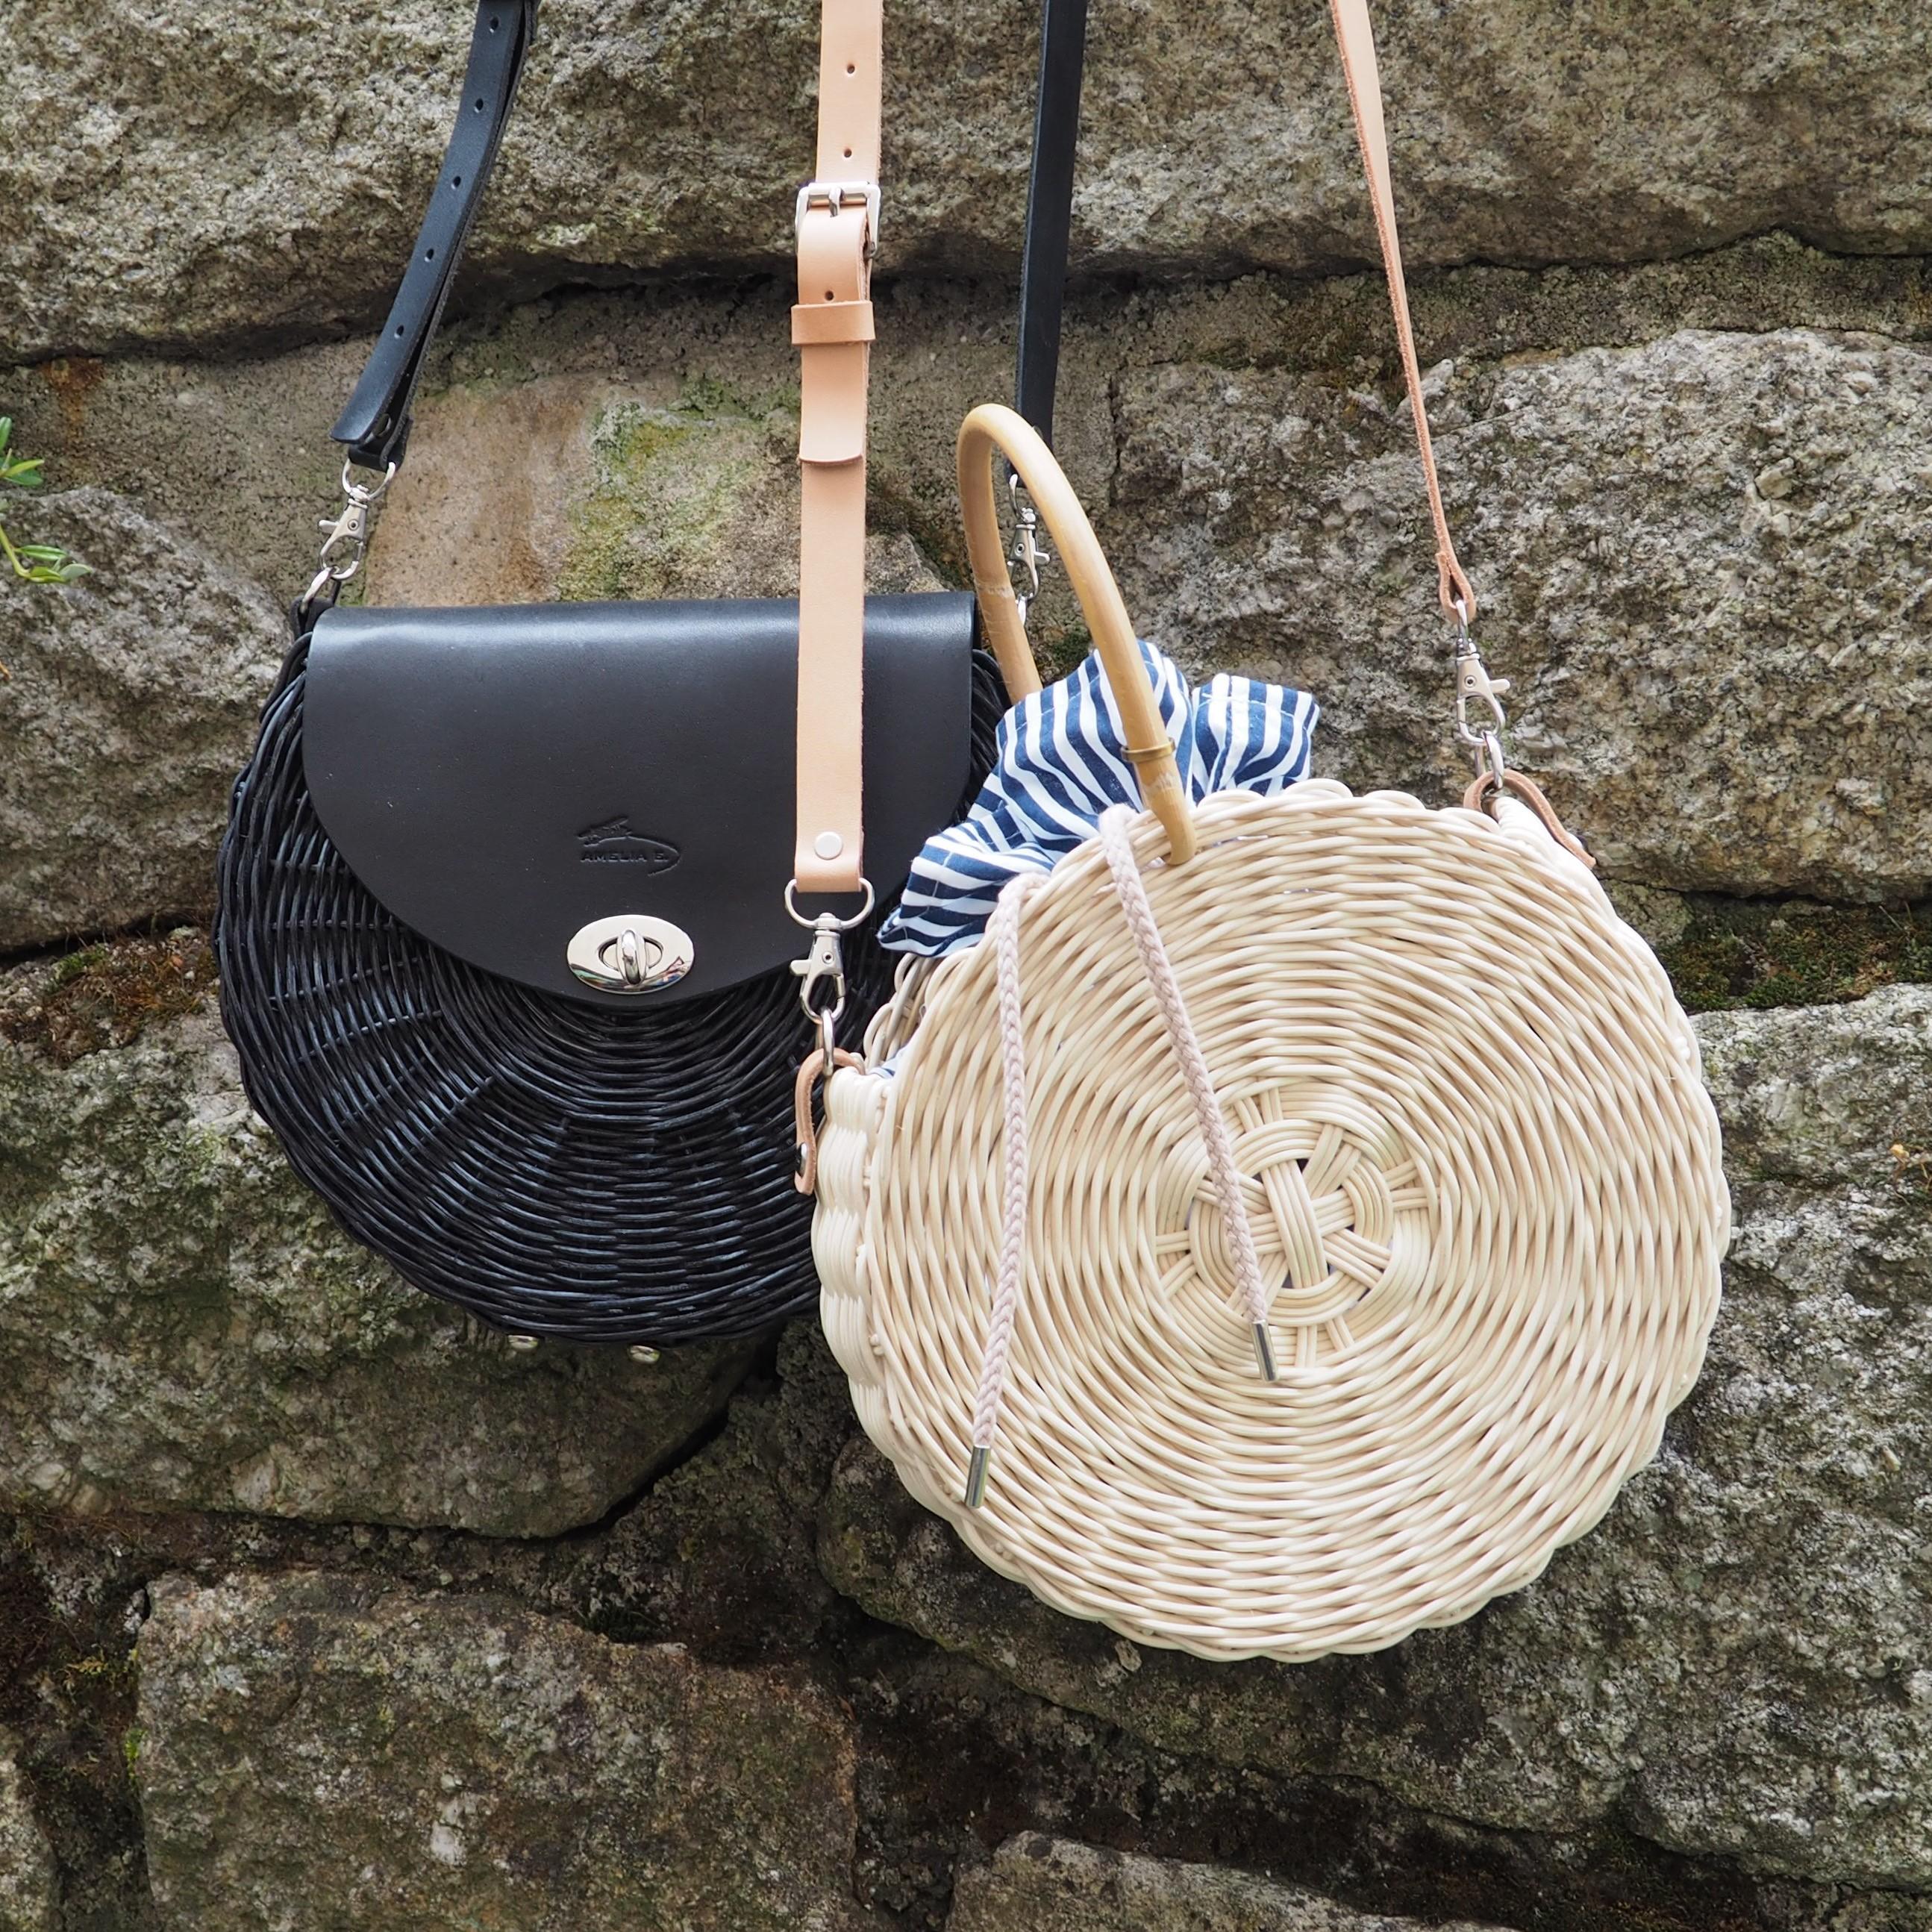 Kulatá kabelka z proutí